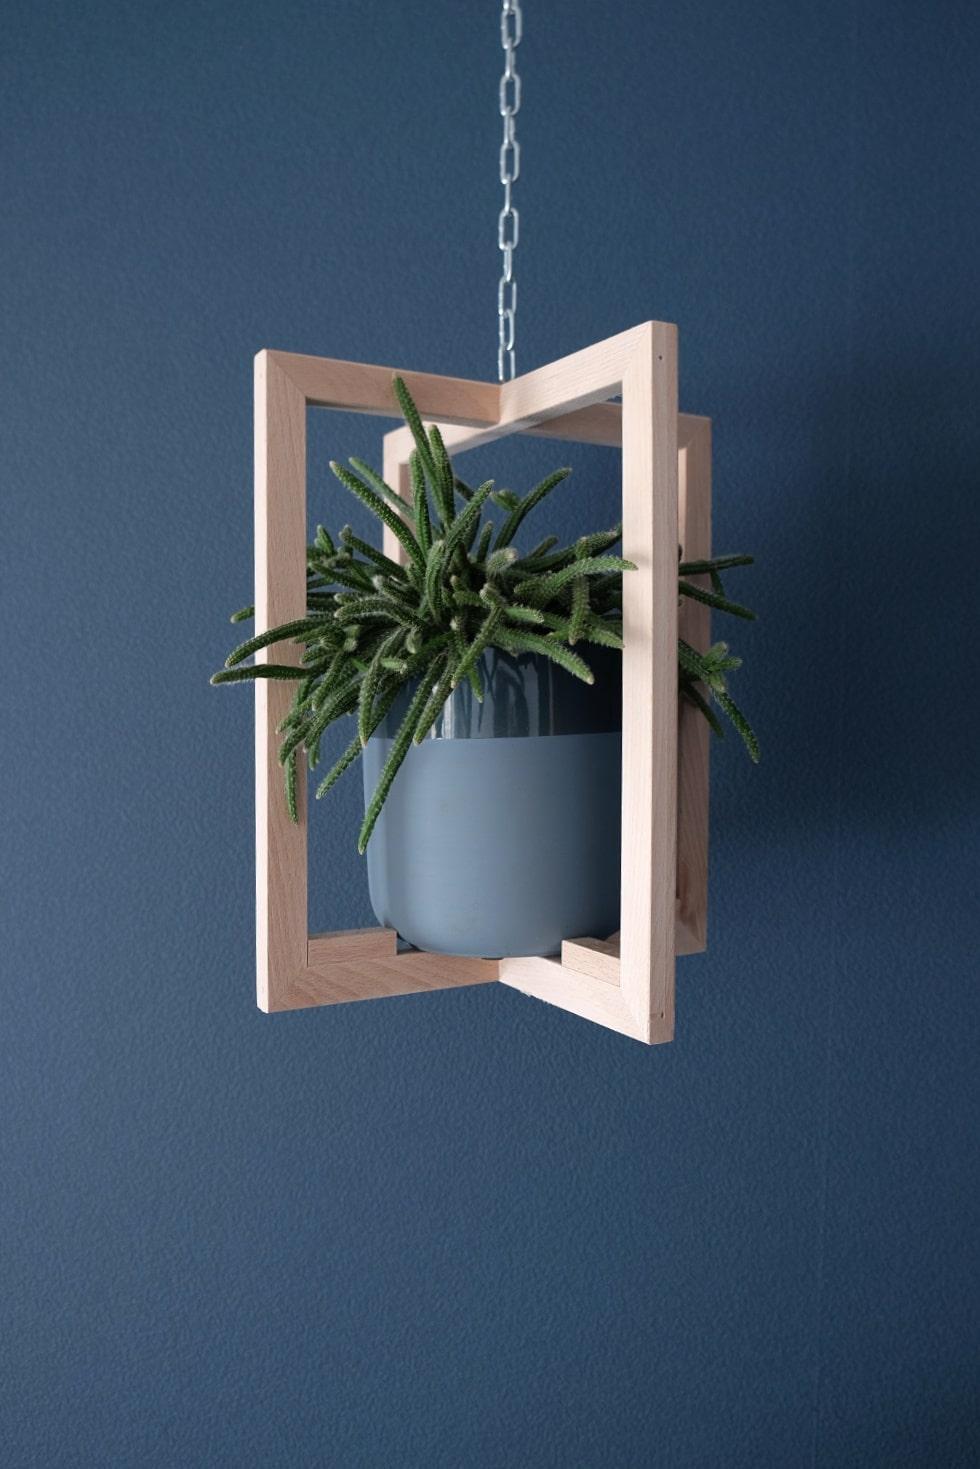 cactus hangplant